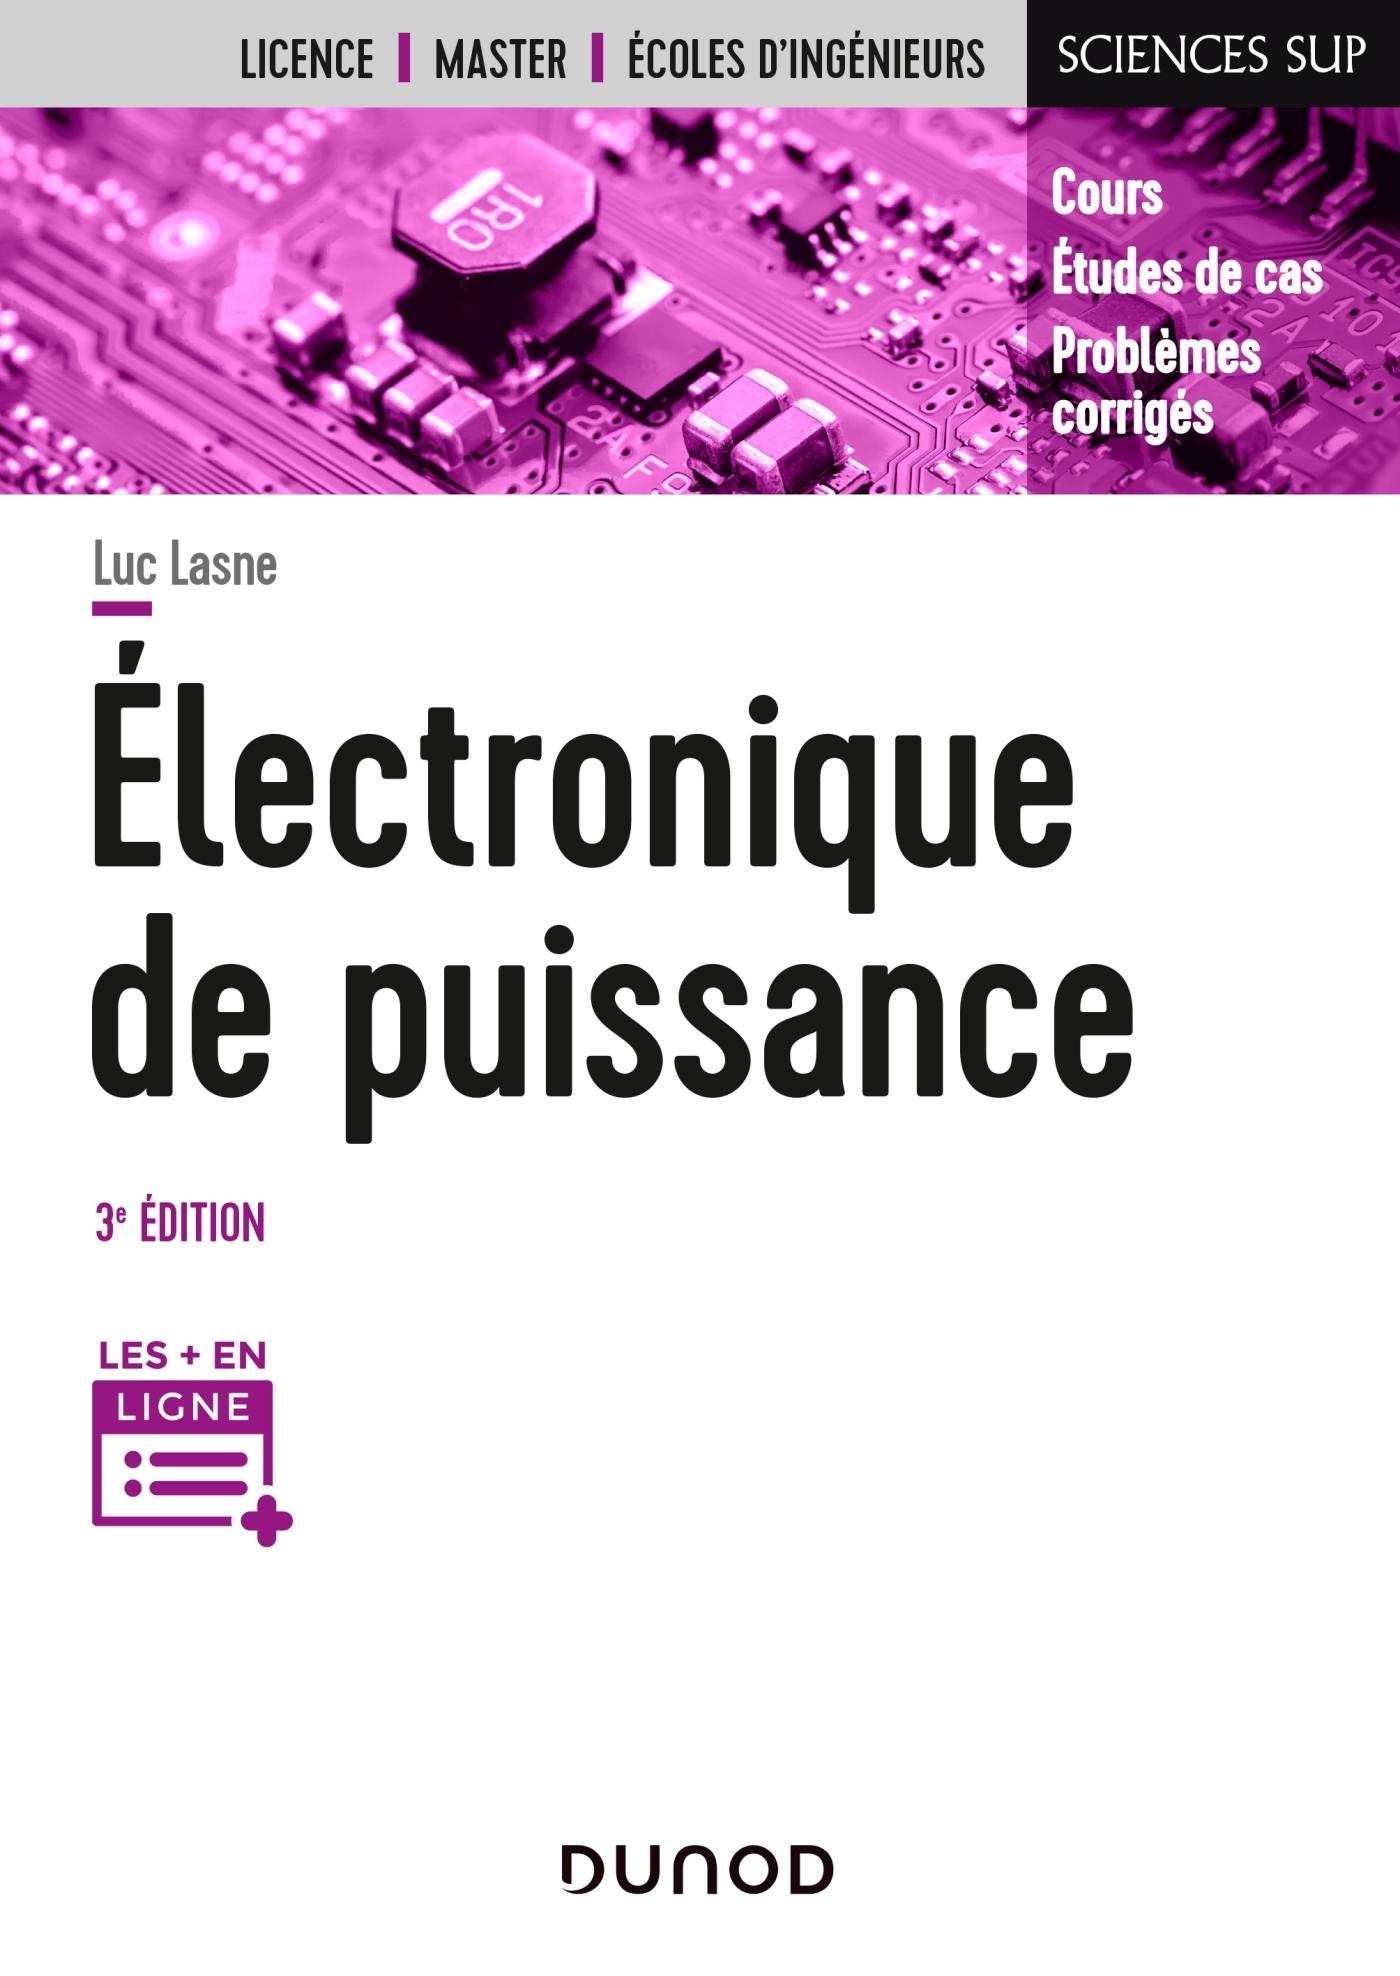 ELECTRONIQUE DE PUISSANCE - 3E ED. - COURS, ETUDES DE CAS ET EXERCICES CORRIGES